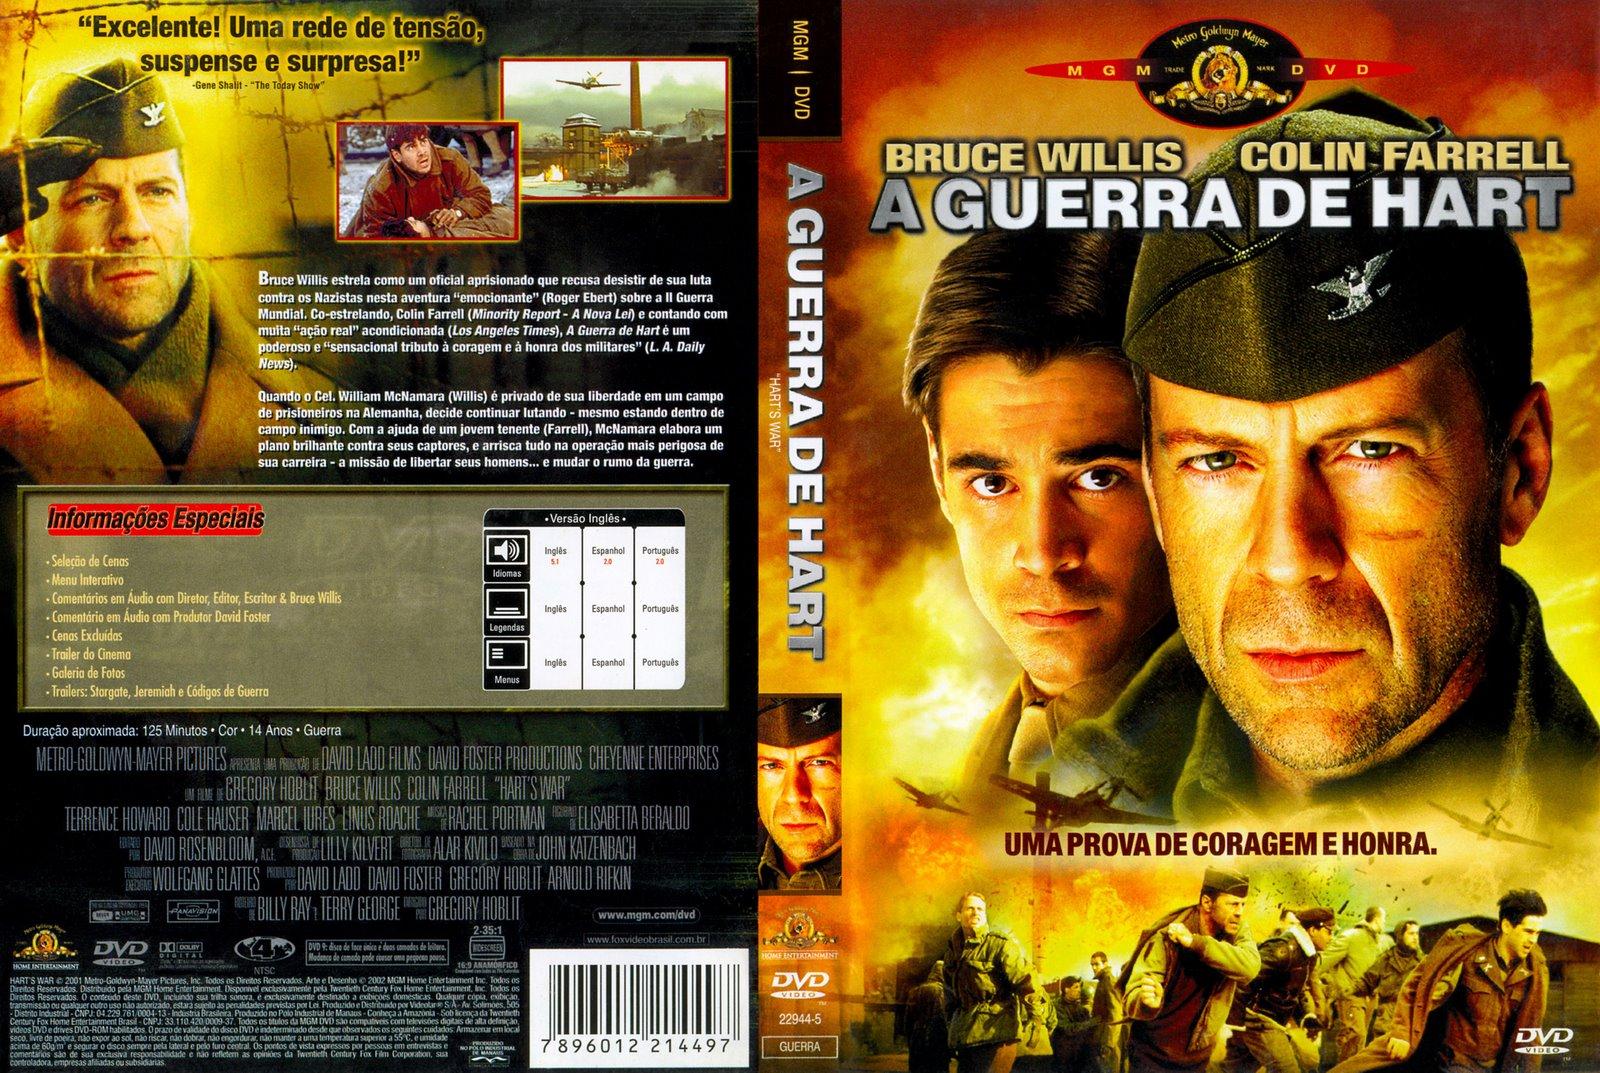 http://1.bp.blogspot.com/-4941SH4hM18/TXL1WHUw3jI/AAAAAAAAACQ/OIZh_uzddoc/s1600/A_Guerra_de_Hart.jpg